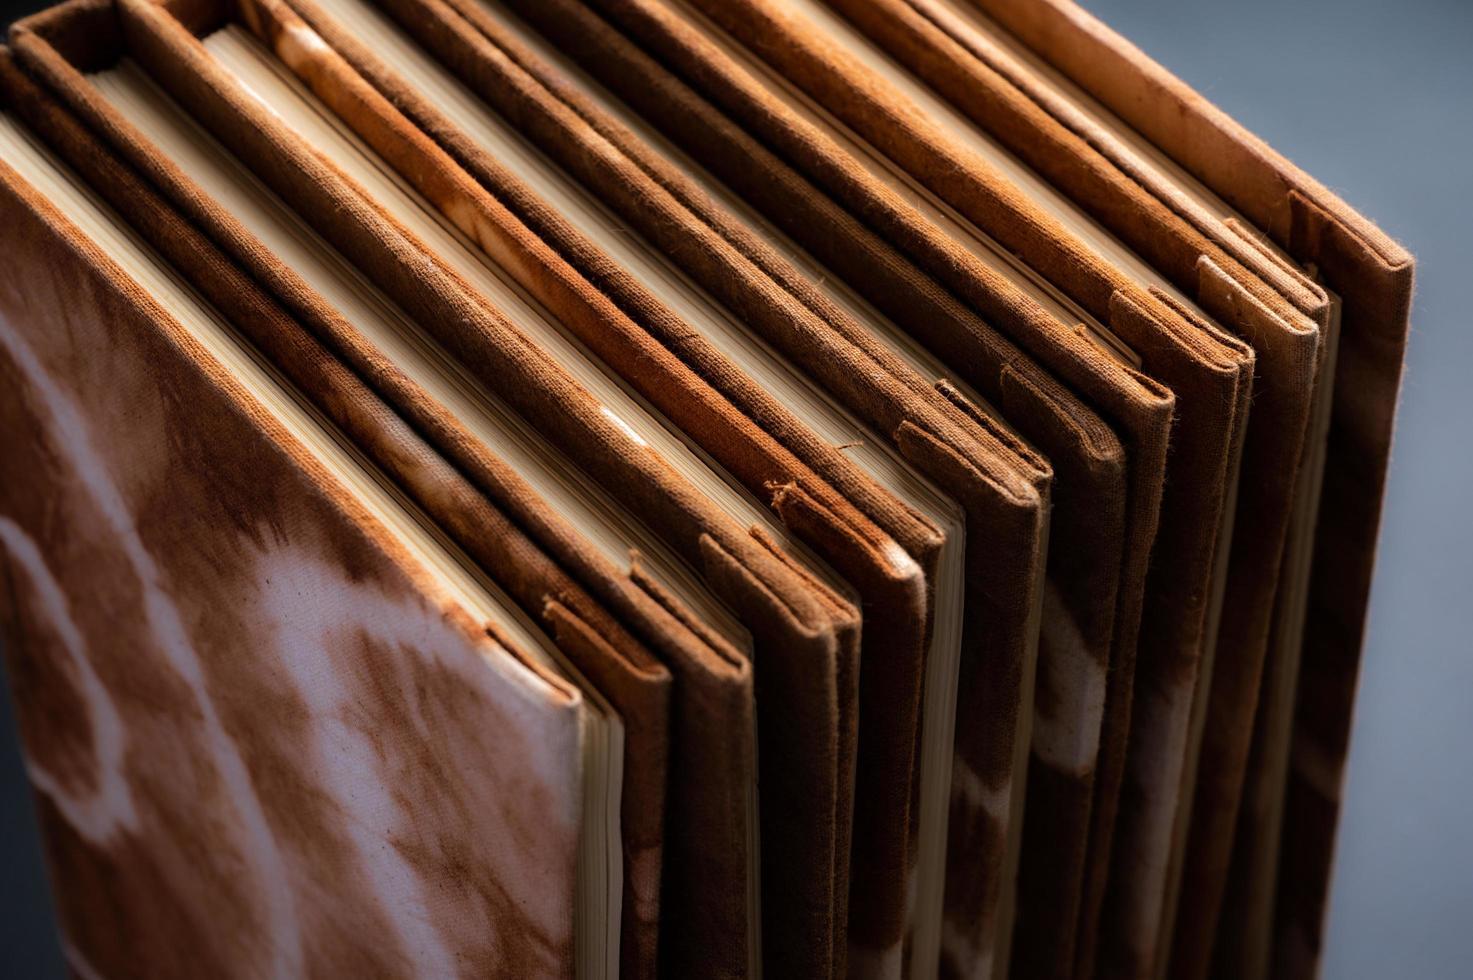 cahiers teints naturels à la main photo